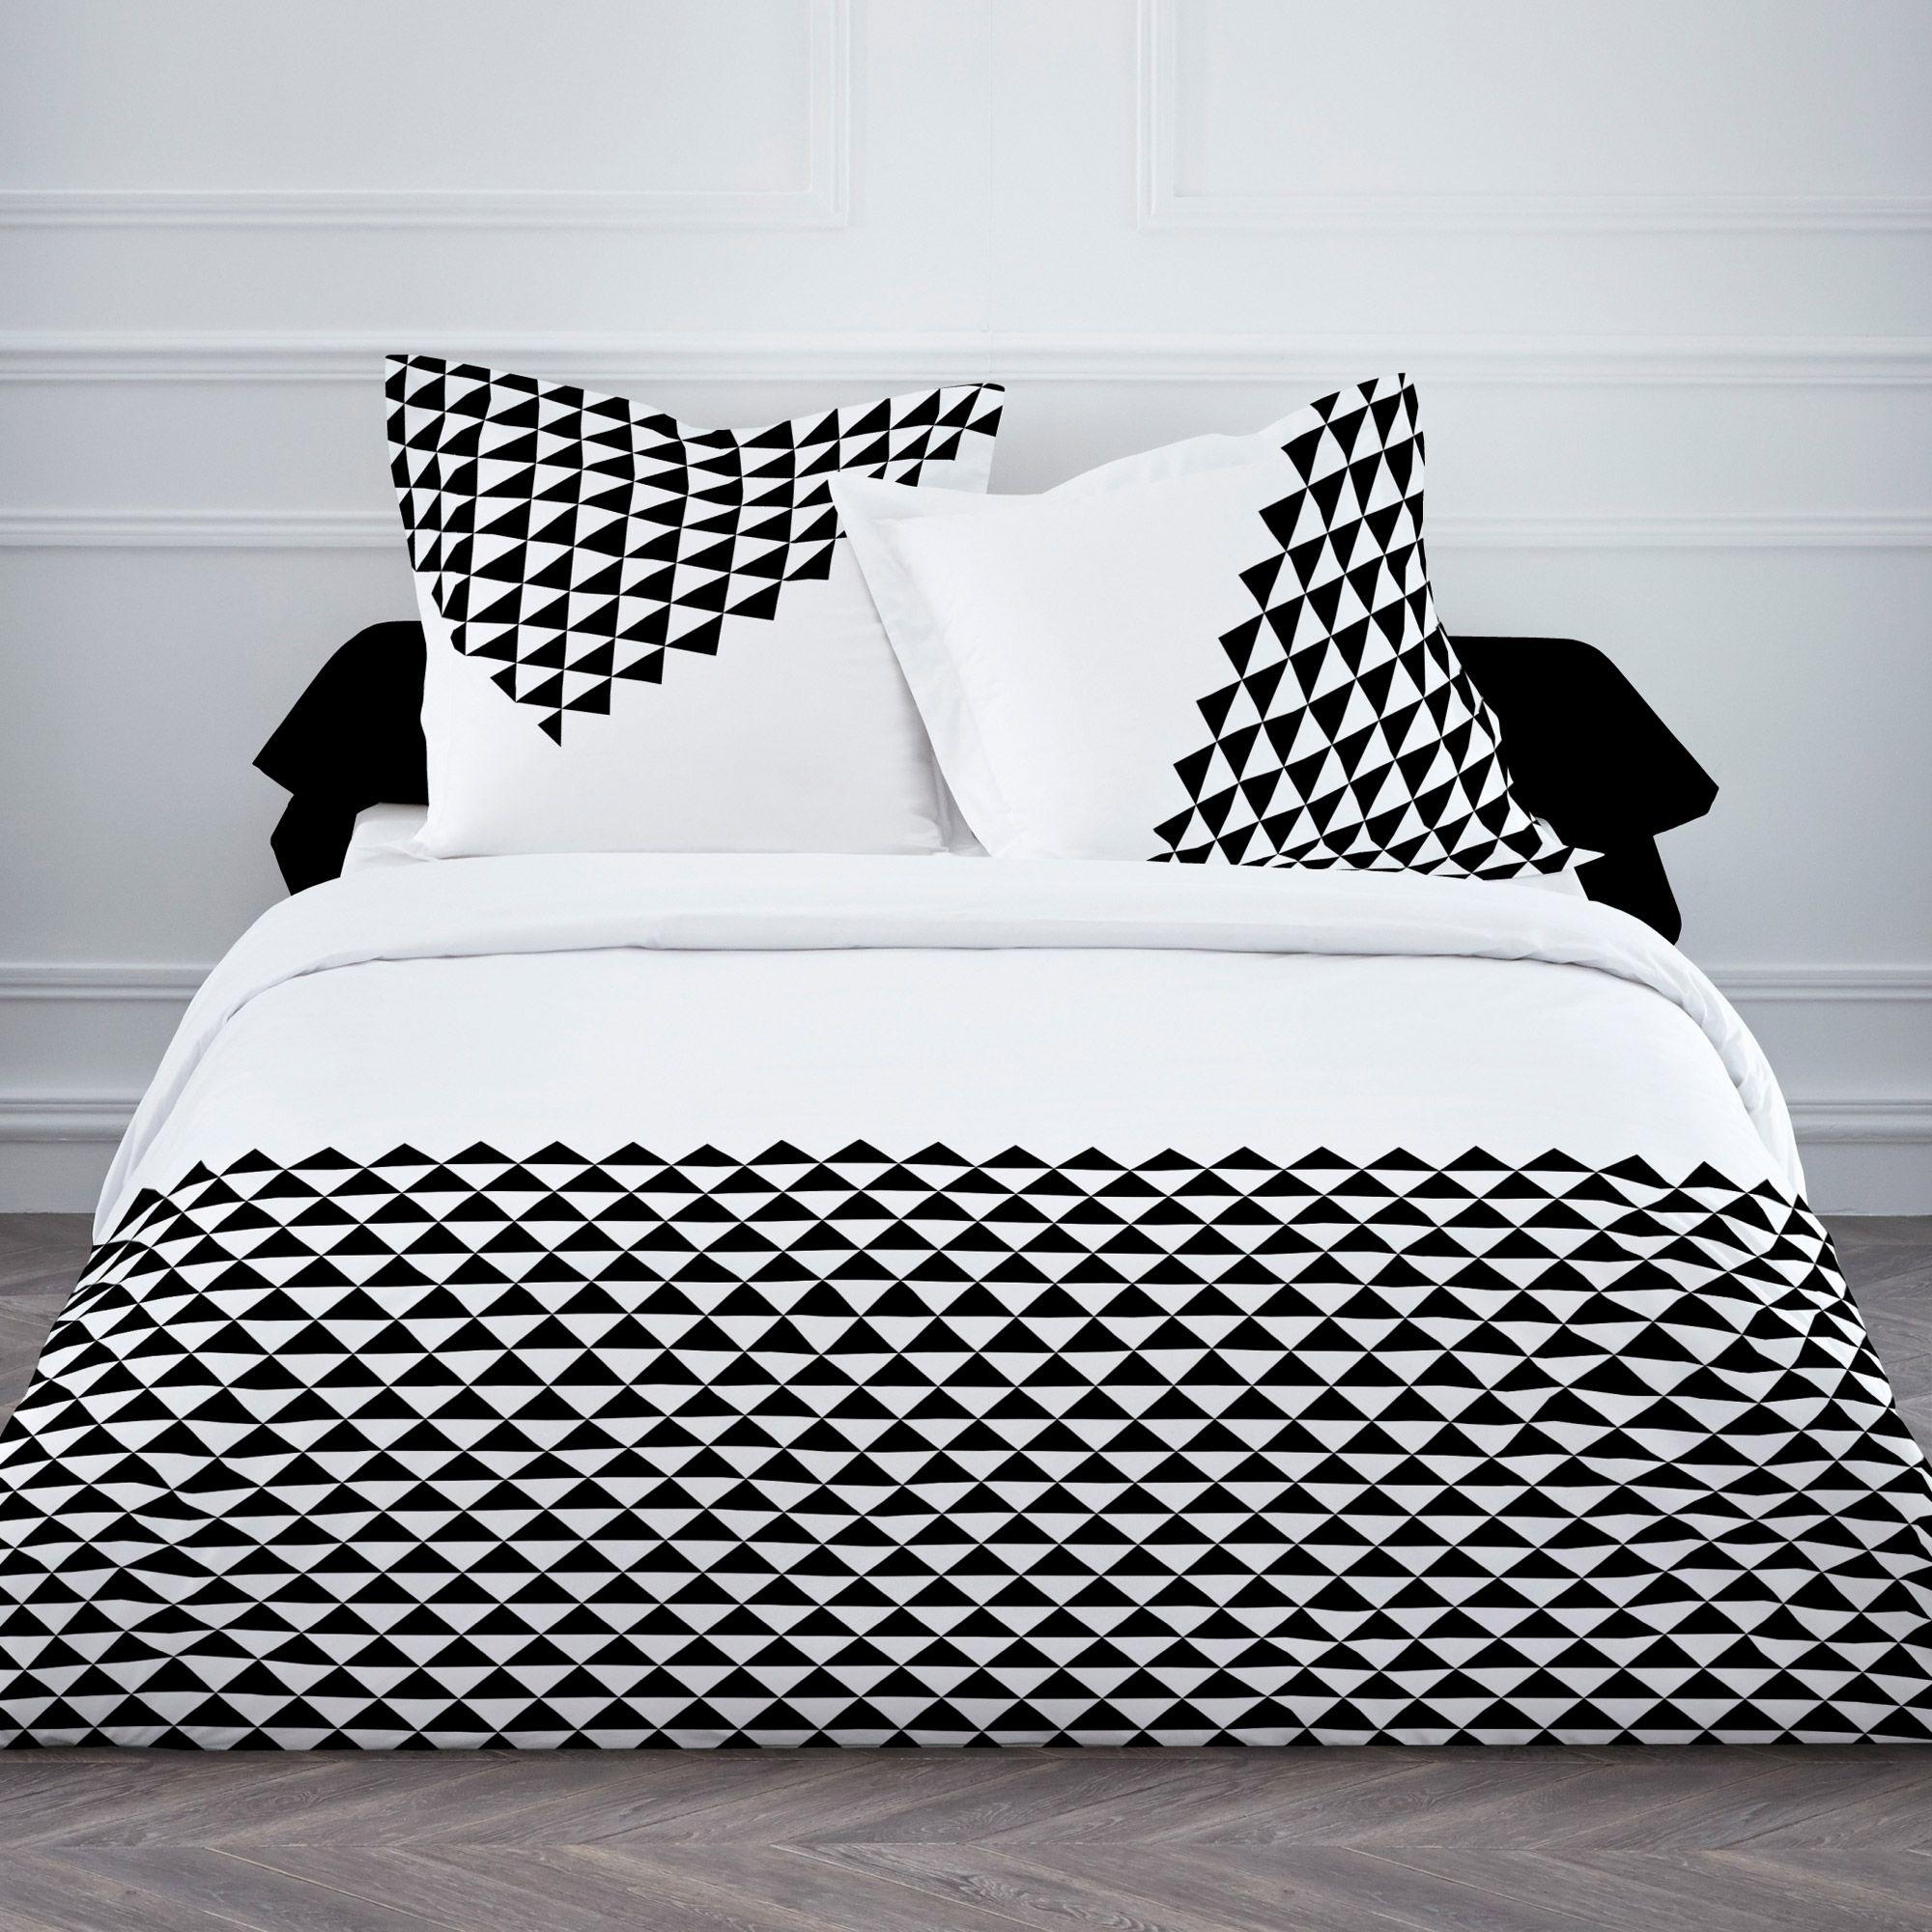 Parure housse de couette 240x220cm taie coton triangle scandinave noir grafism 35€